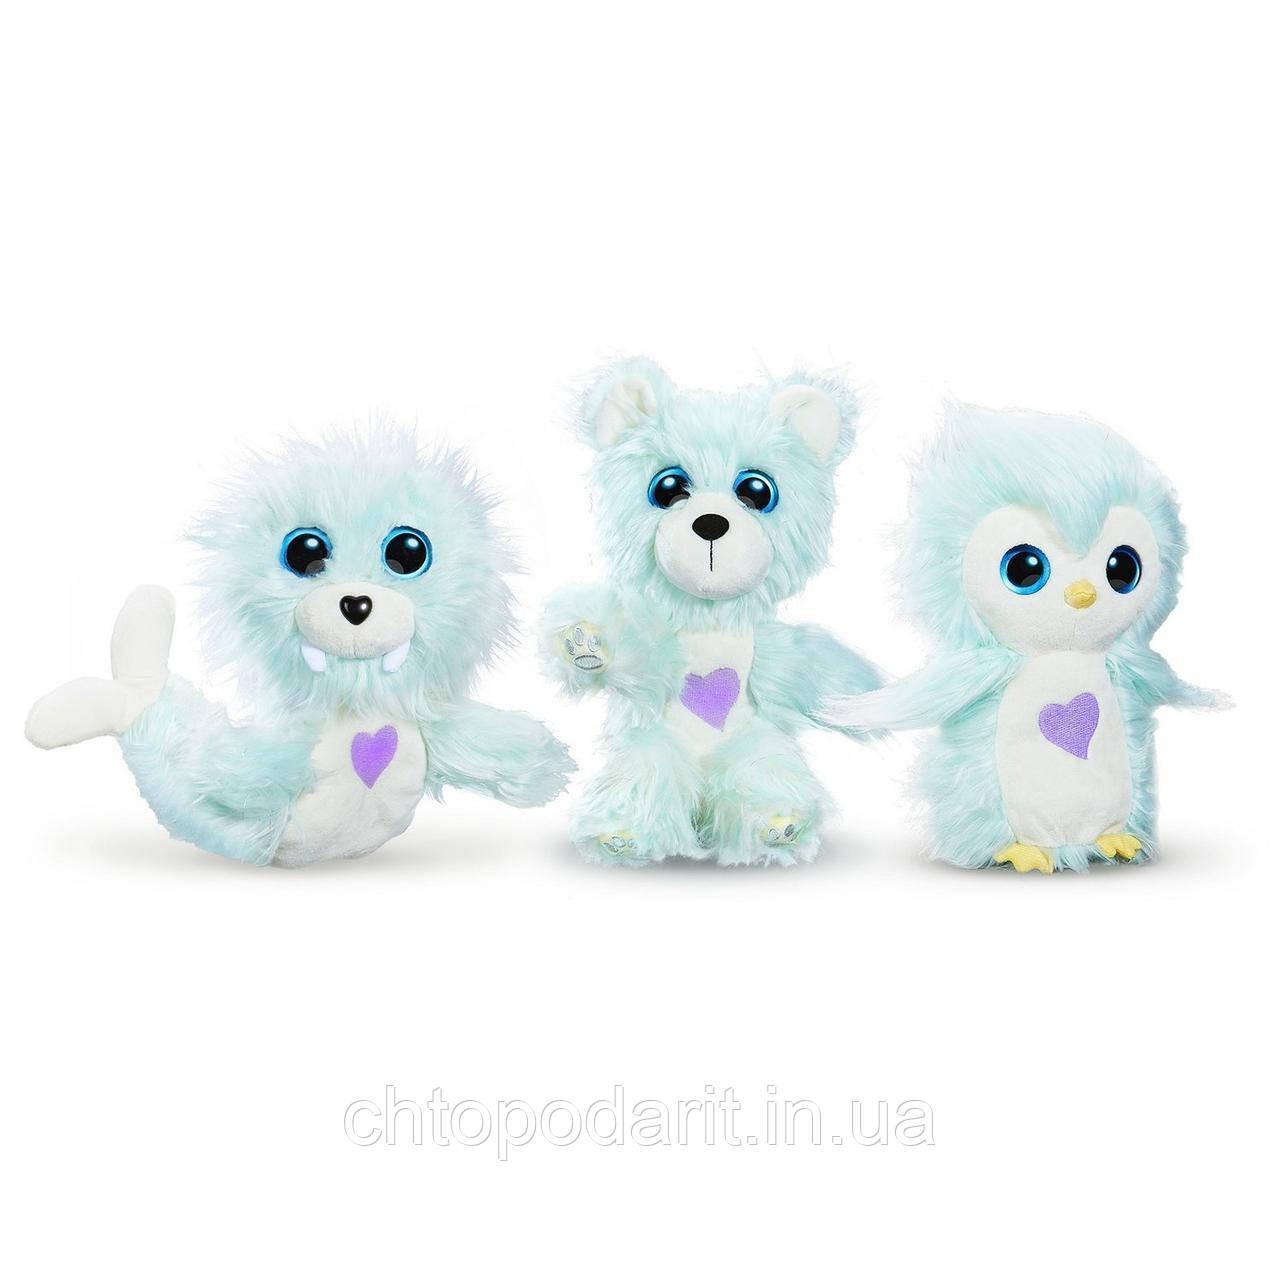 Пушистик потеряшка «Снежные друзья» игрушка сюрприз Scruff A Luvs Snow Pals Код 12-2188